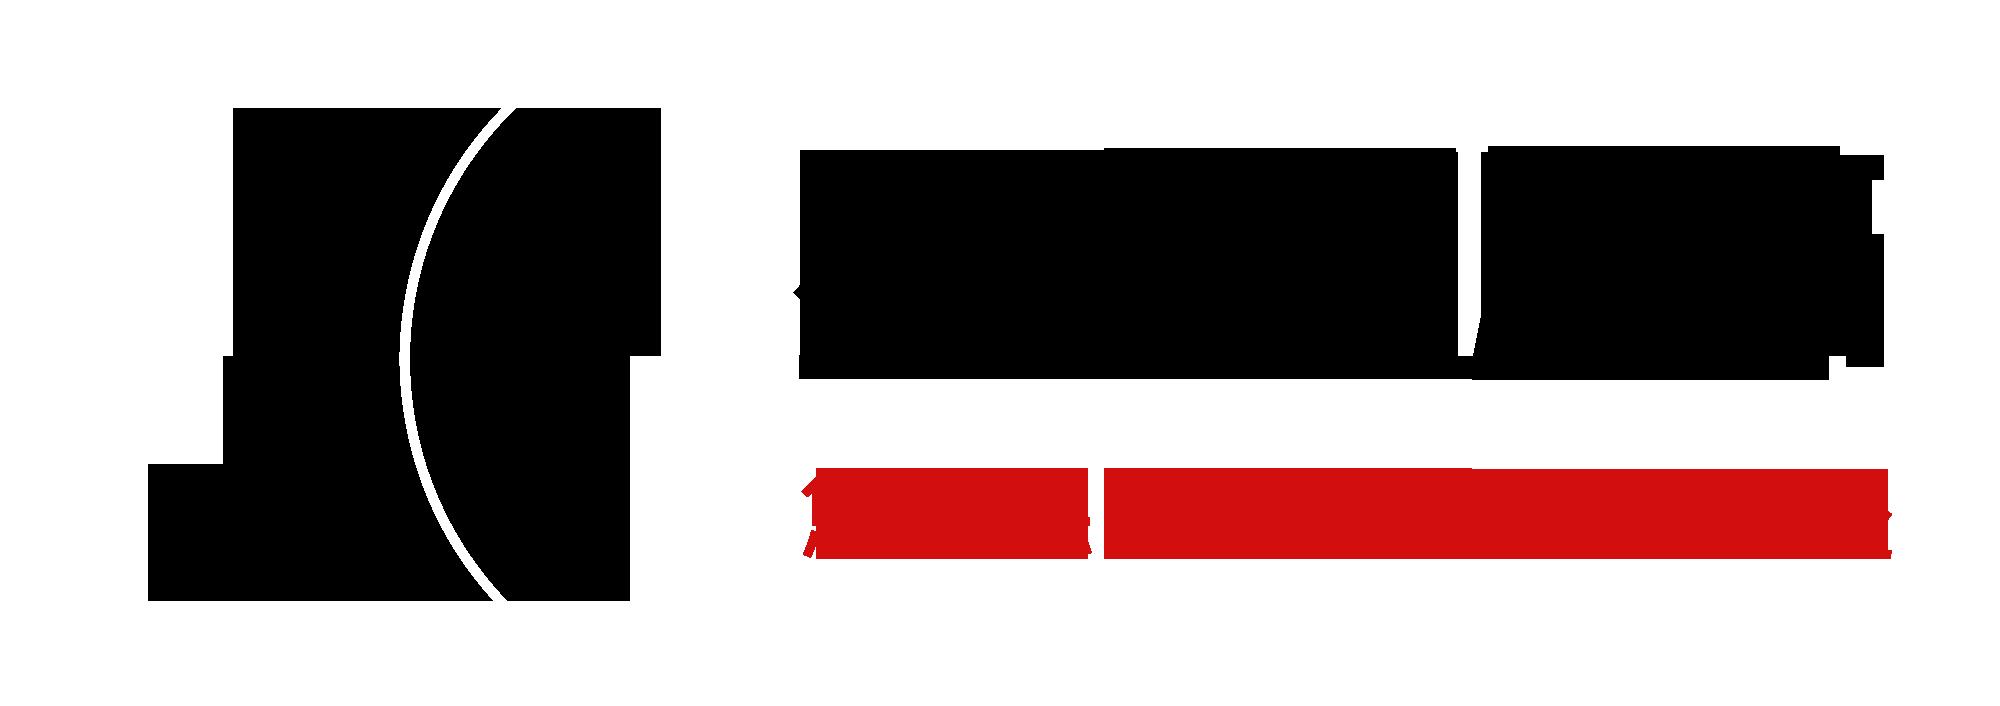 星光logo-2